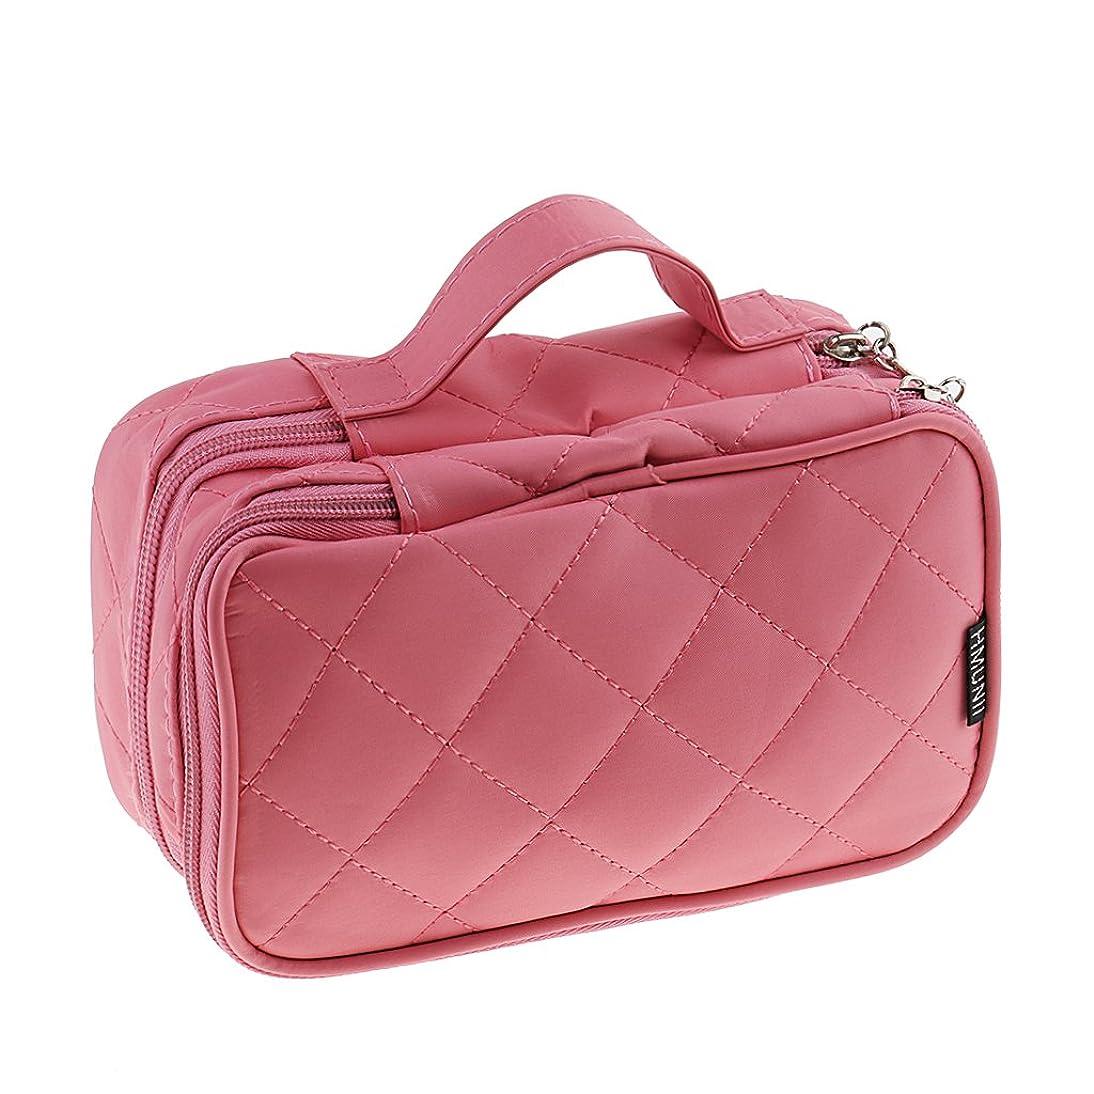 よろしく乳バンクBaosity メイクアップバッグ 2層 防水 旅行 デュアルジッパー開閉 バッグ ポーチ 4色選べ - ピンク